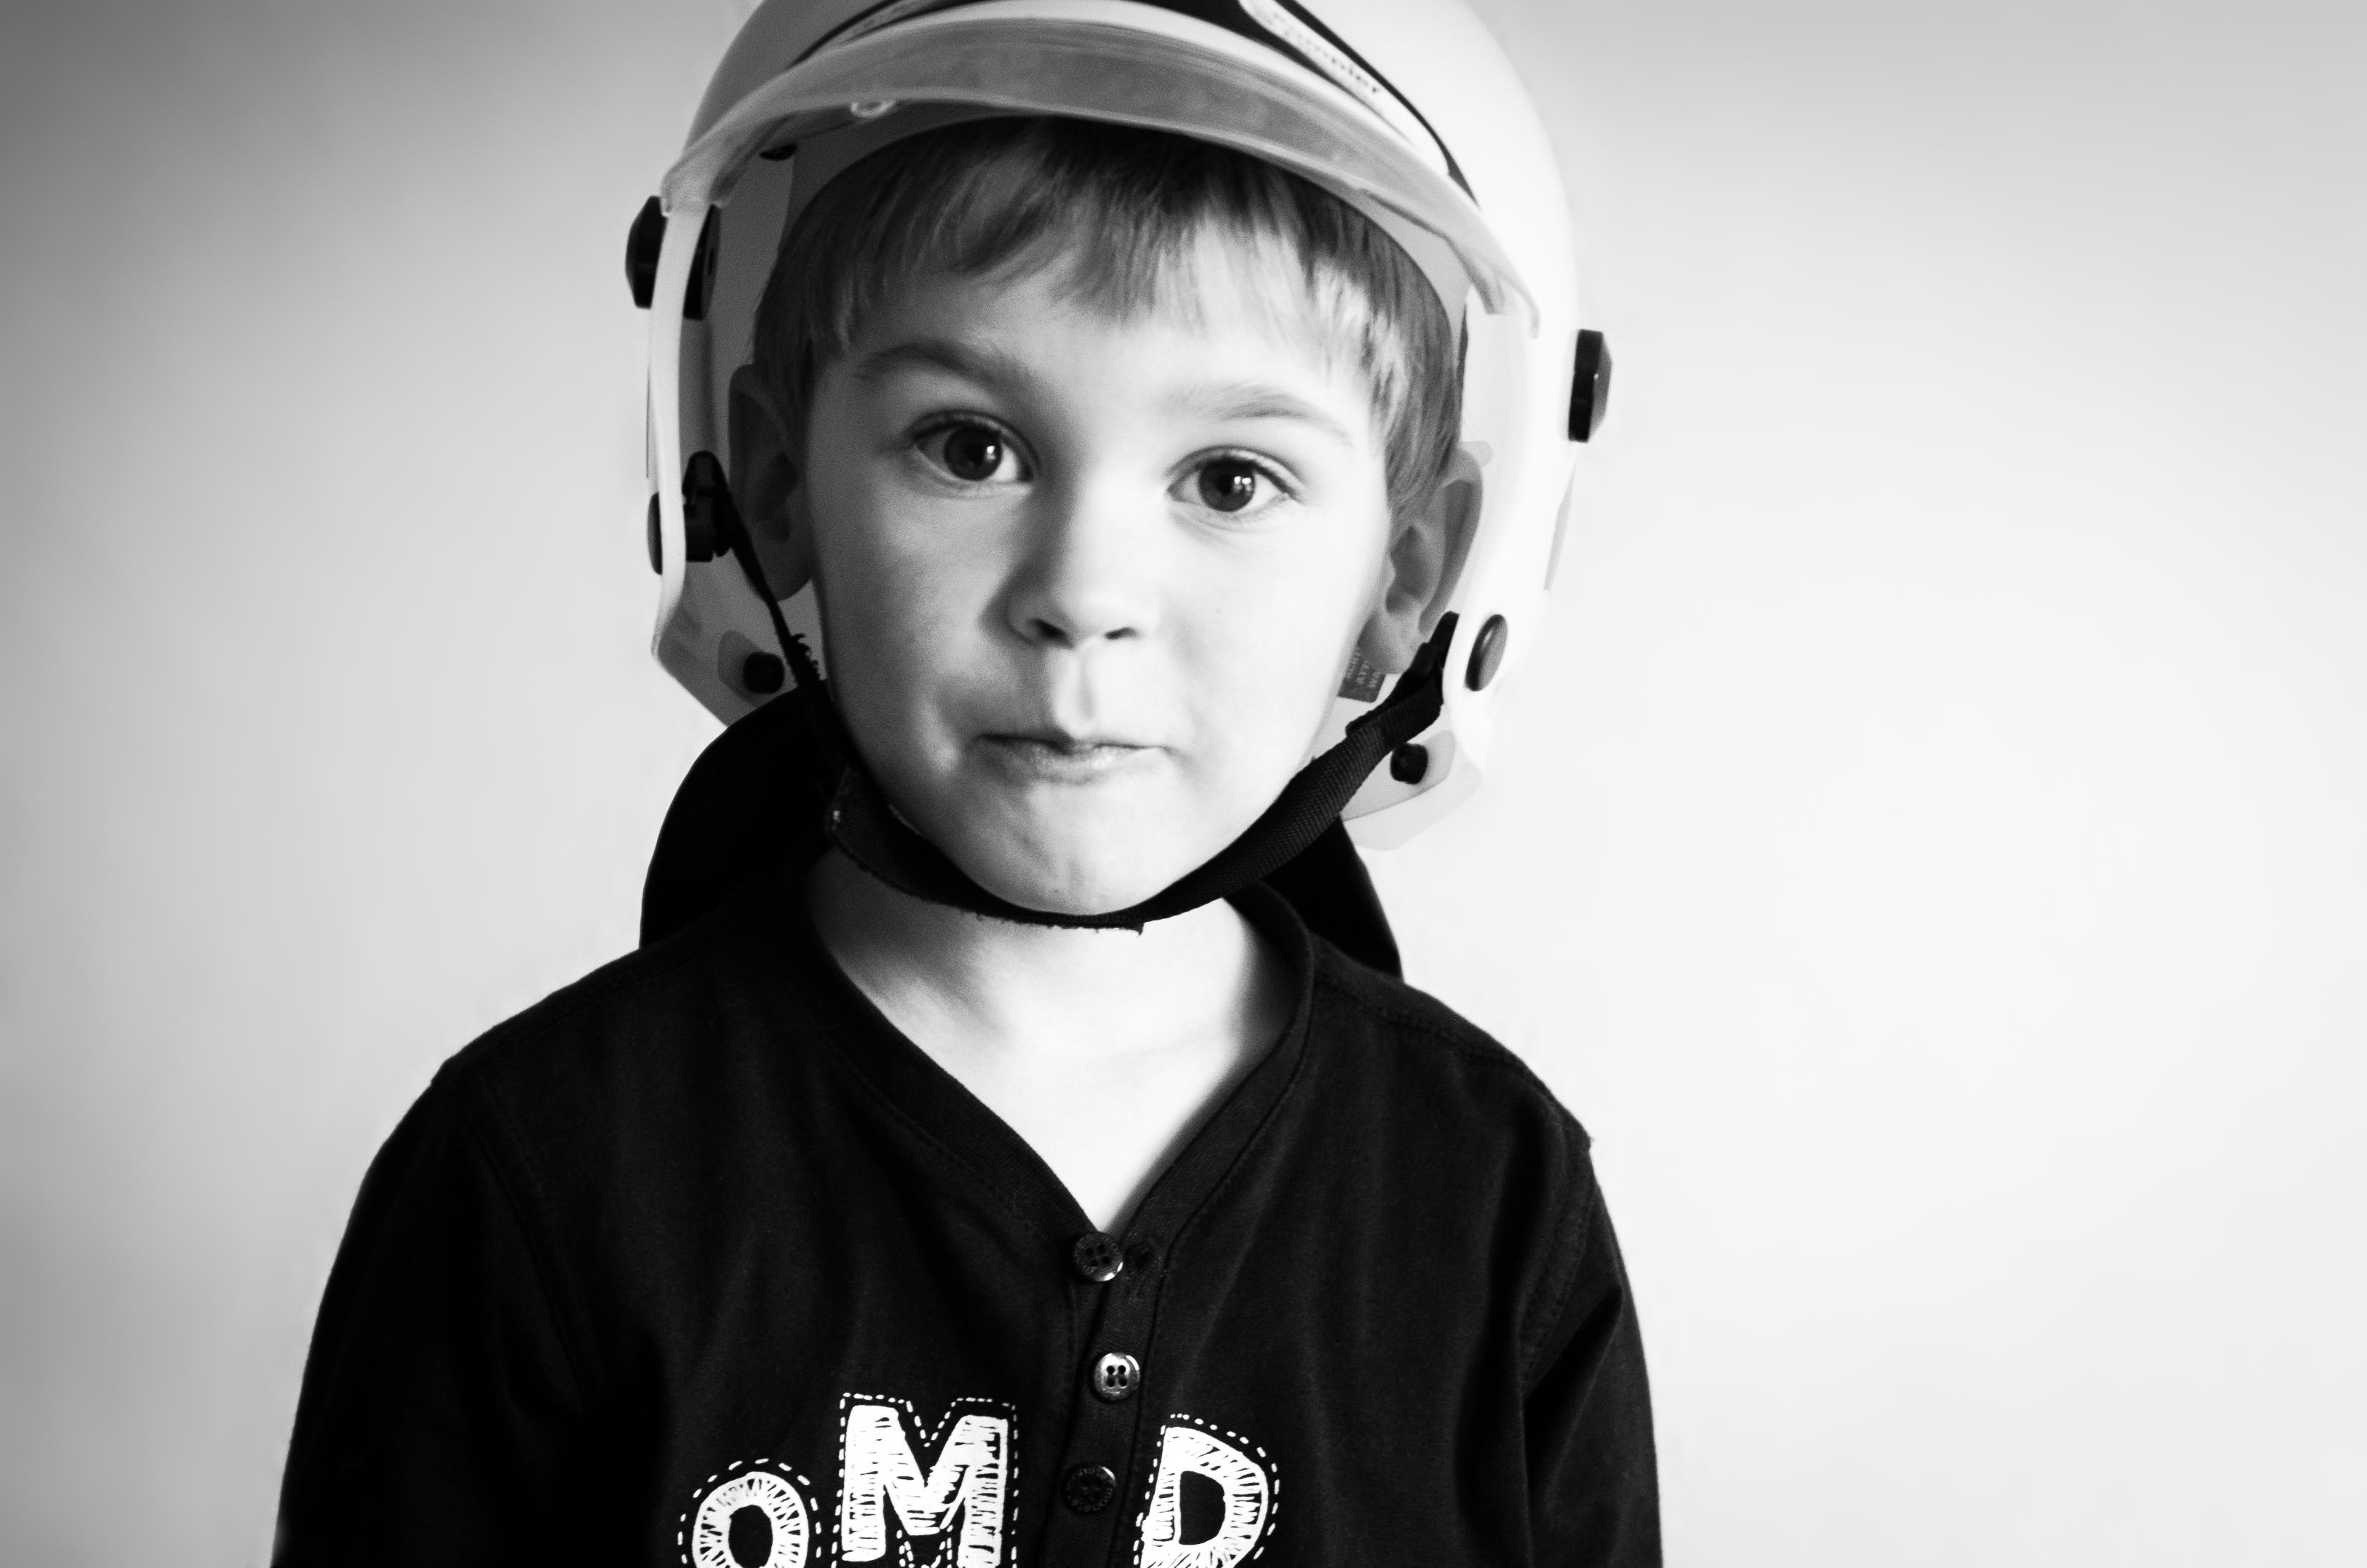 Kind Junge mit Feuerwehrhelm